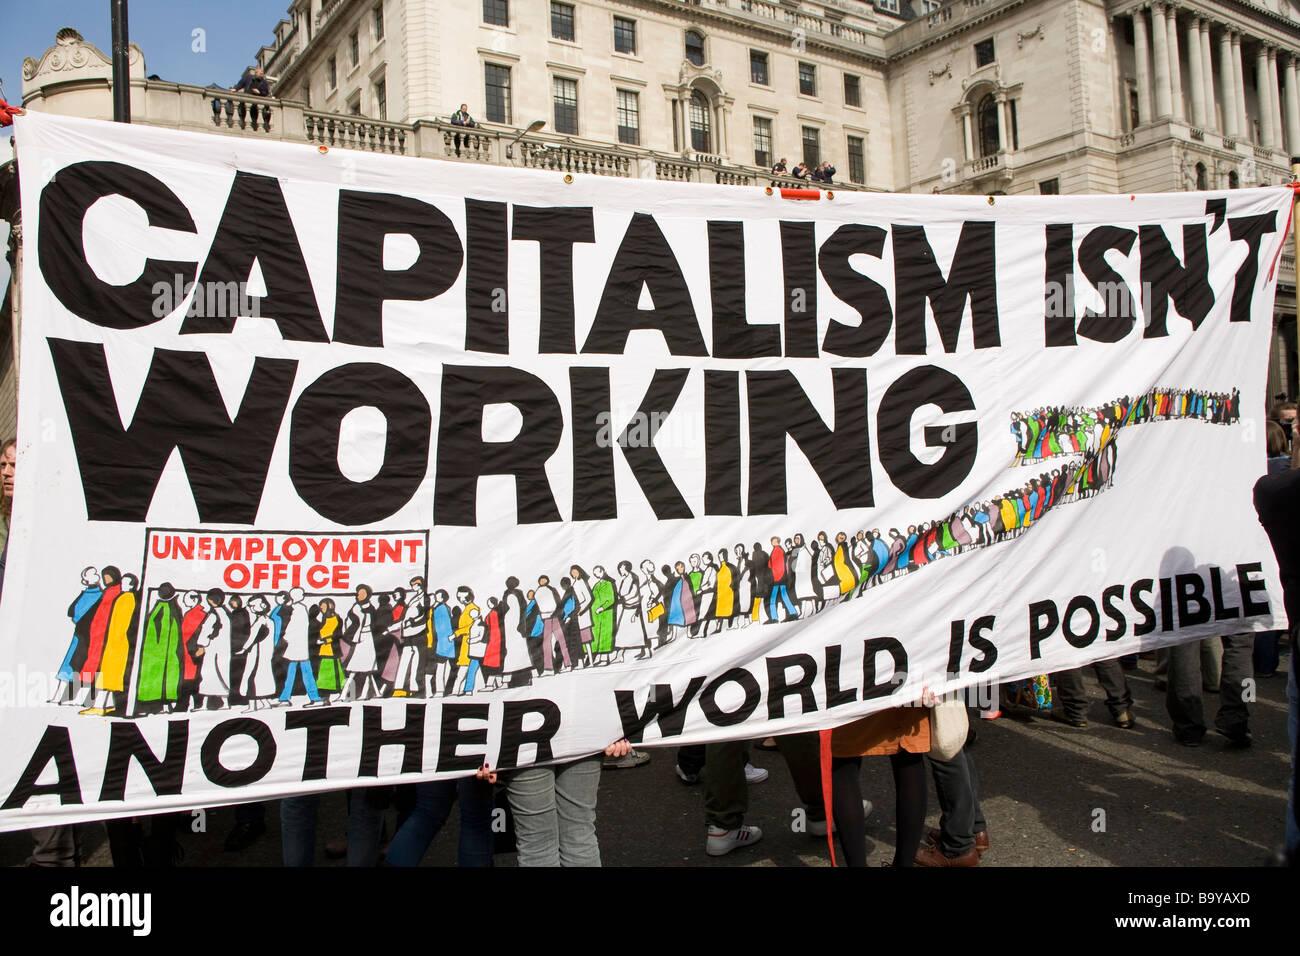 Imagini pentru anti capitalism